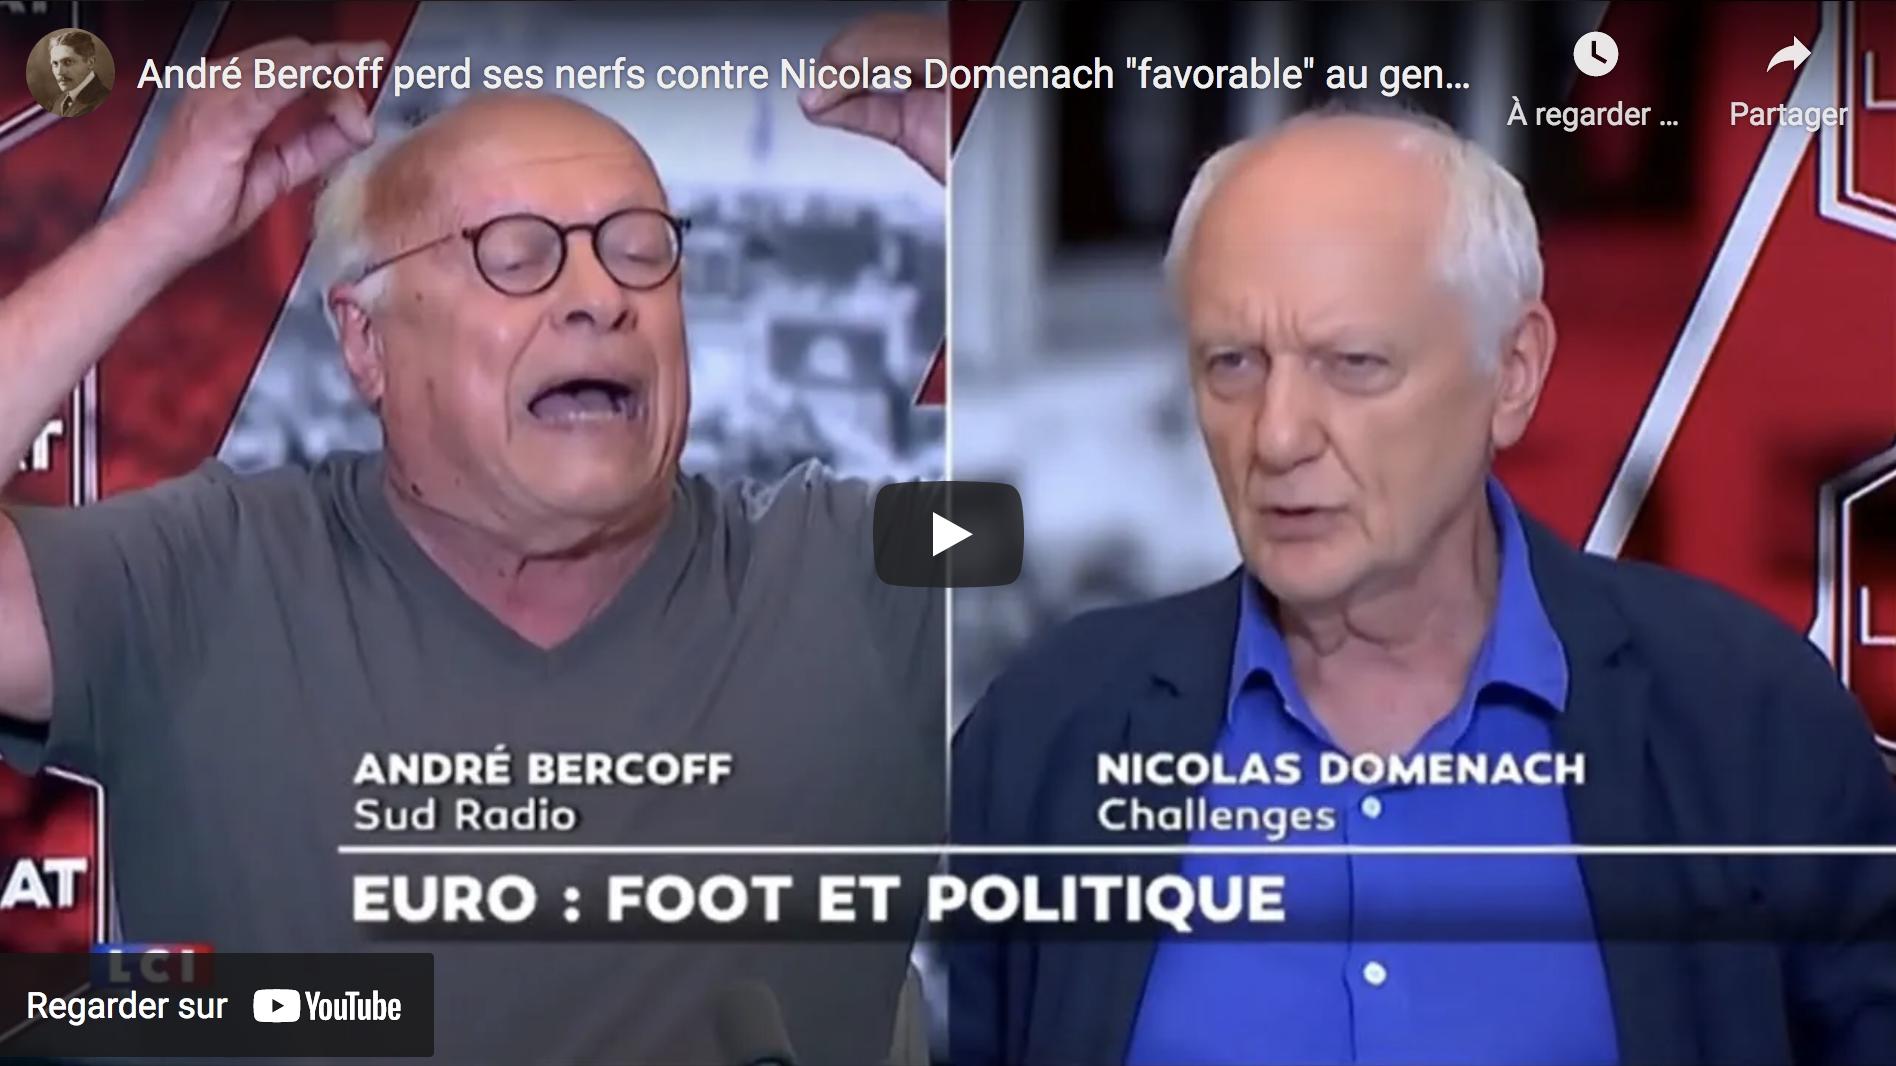 """André Bercoff perd ses nerfs contre Nicolas Domenach """"favorable"""" au genou à terre contre le racisme (VIDÉO)"""